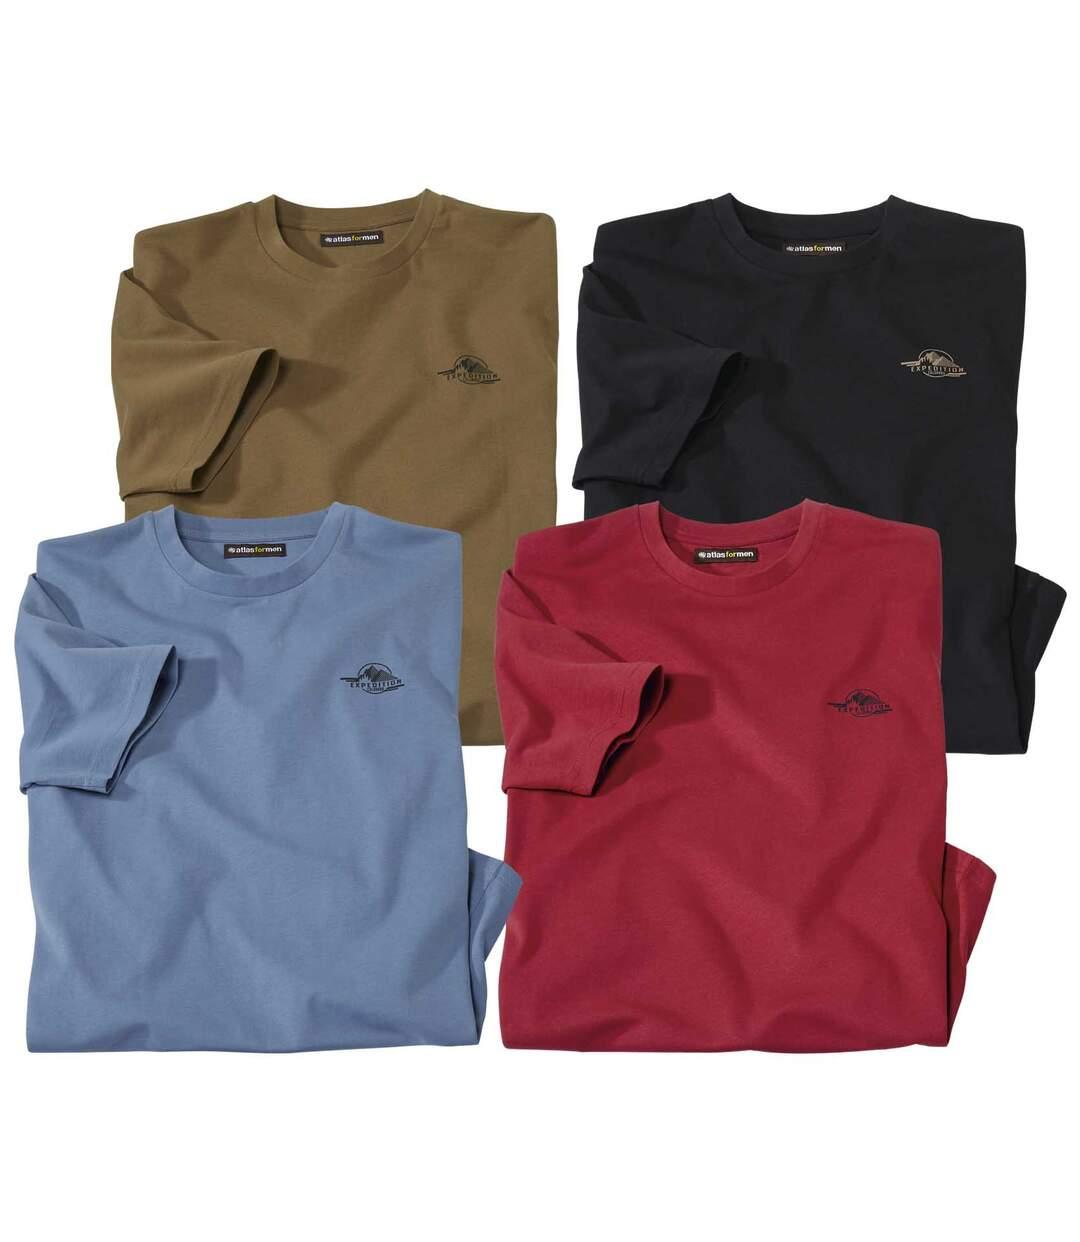 Zestaw 4 t-shirtów Rocky Mountain